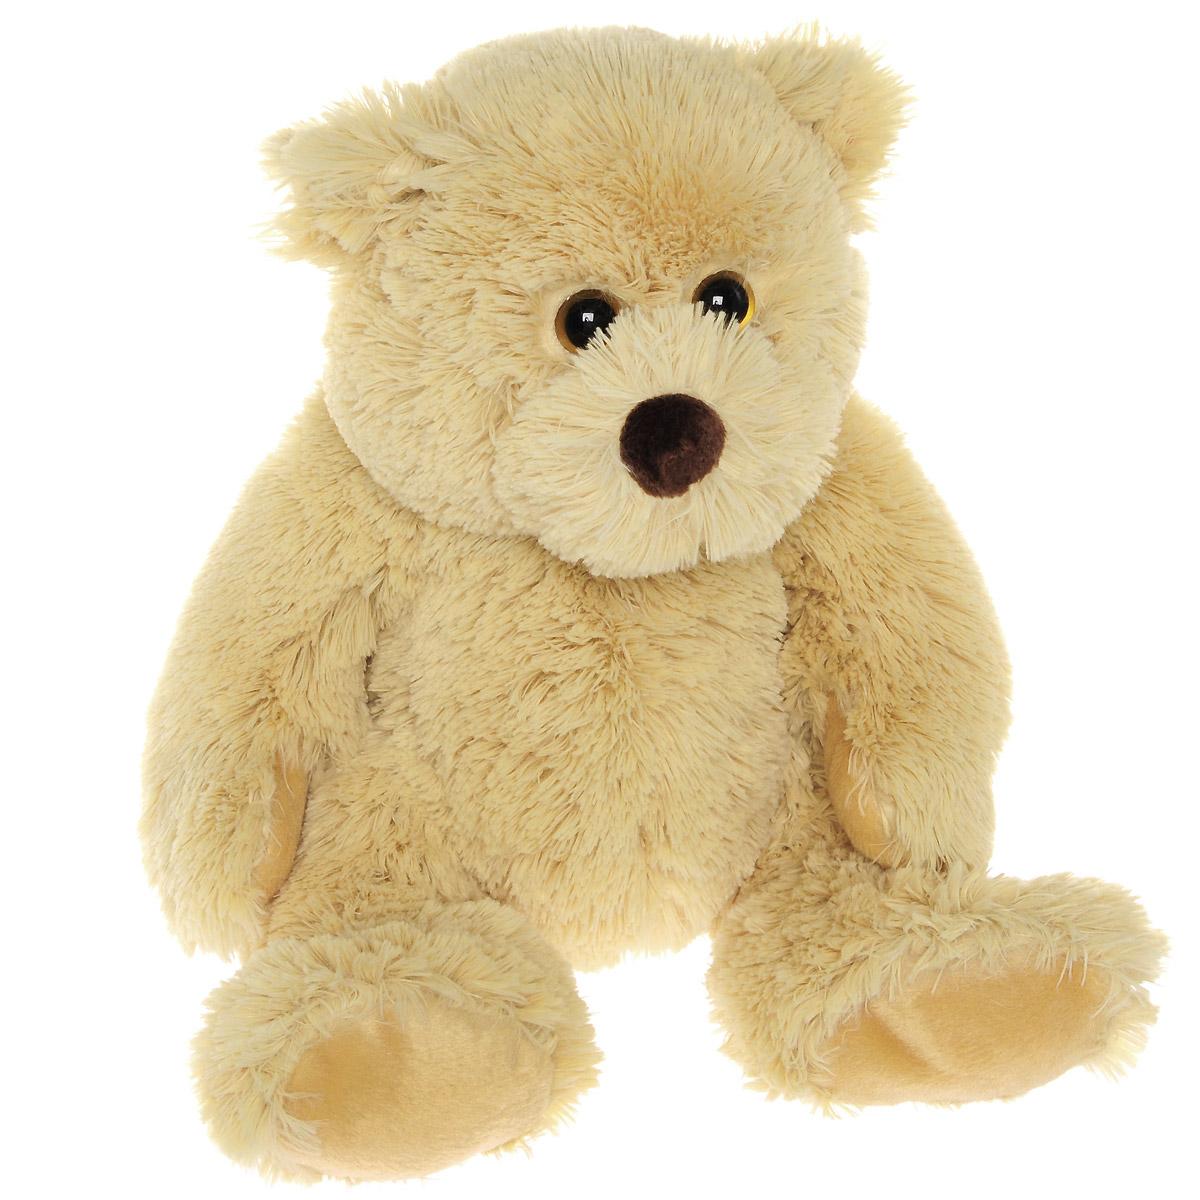 Мягкая игрушка The Classic Медвежонок Boris , цвет: коричневый, 31 см50060Очаровательная мягкая игрушка The Classic Медвежонок Boris, выполненная в виде медвежонка коричневого цвета с милыми глазками, вызовет умиление и улыбку у каждого, кто ее увидит. Удивительно мягкая игрушка принесет радость и подарит своему обладателю мгновения нежных объятий и приятных воспоминаний. Специальные гранулы, используемые при ее набивке, способствуют развитию мелкой моторики рук малыша. В качестве набивки используется синтепон. Великолепное качество исполнения делают эту игрушку чудесным подарком к любому празднику.